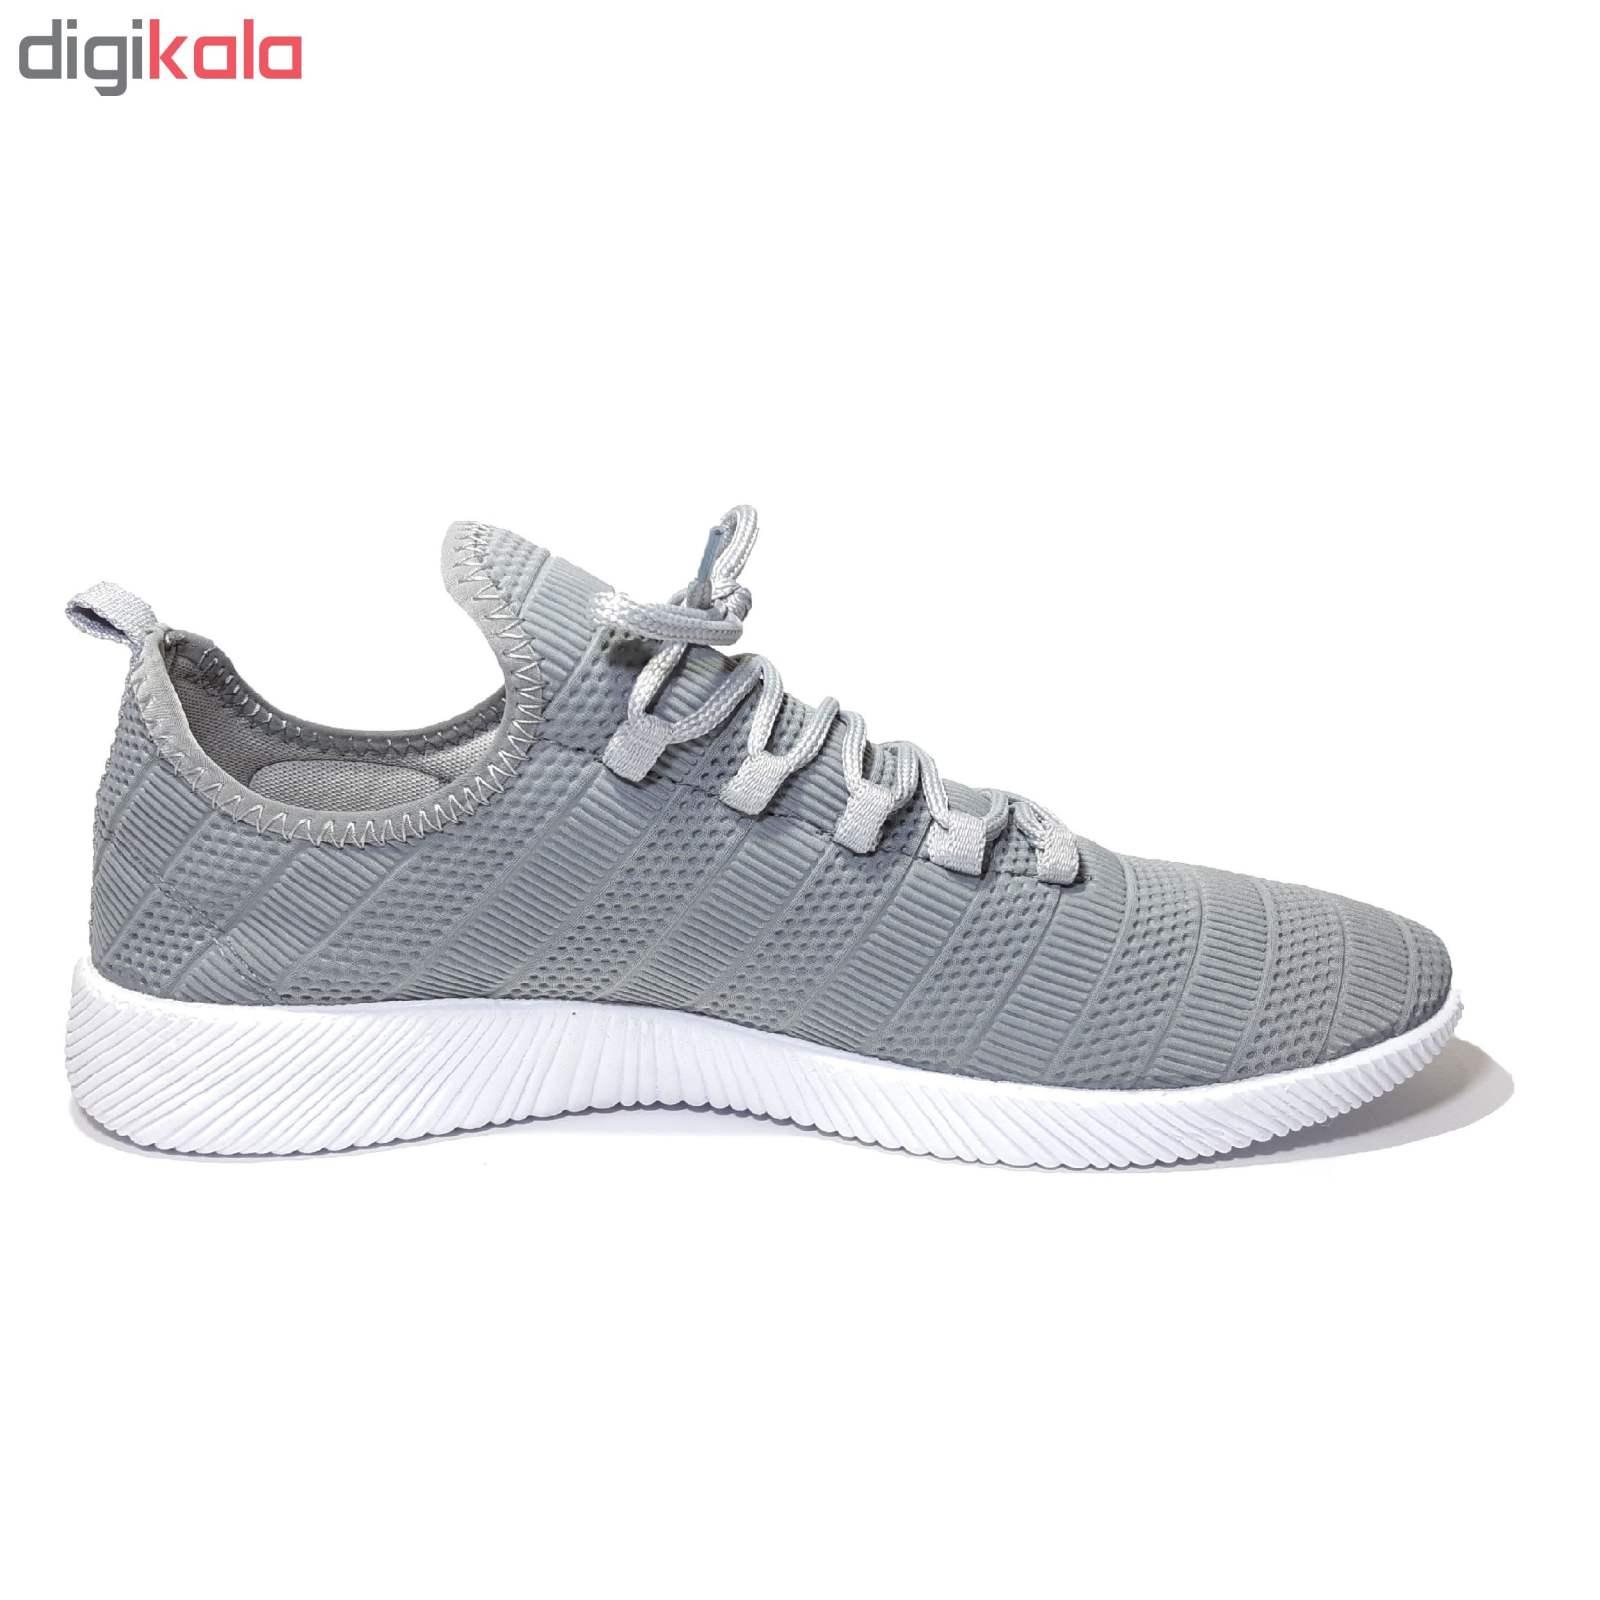 کفش مخصوص پیاده روی مردانه مدل Dharma main 1 2